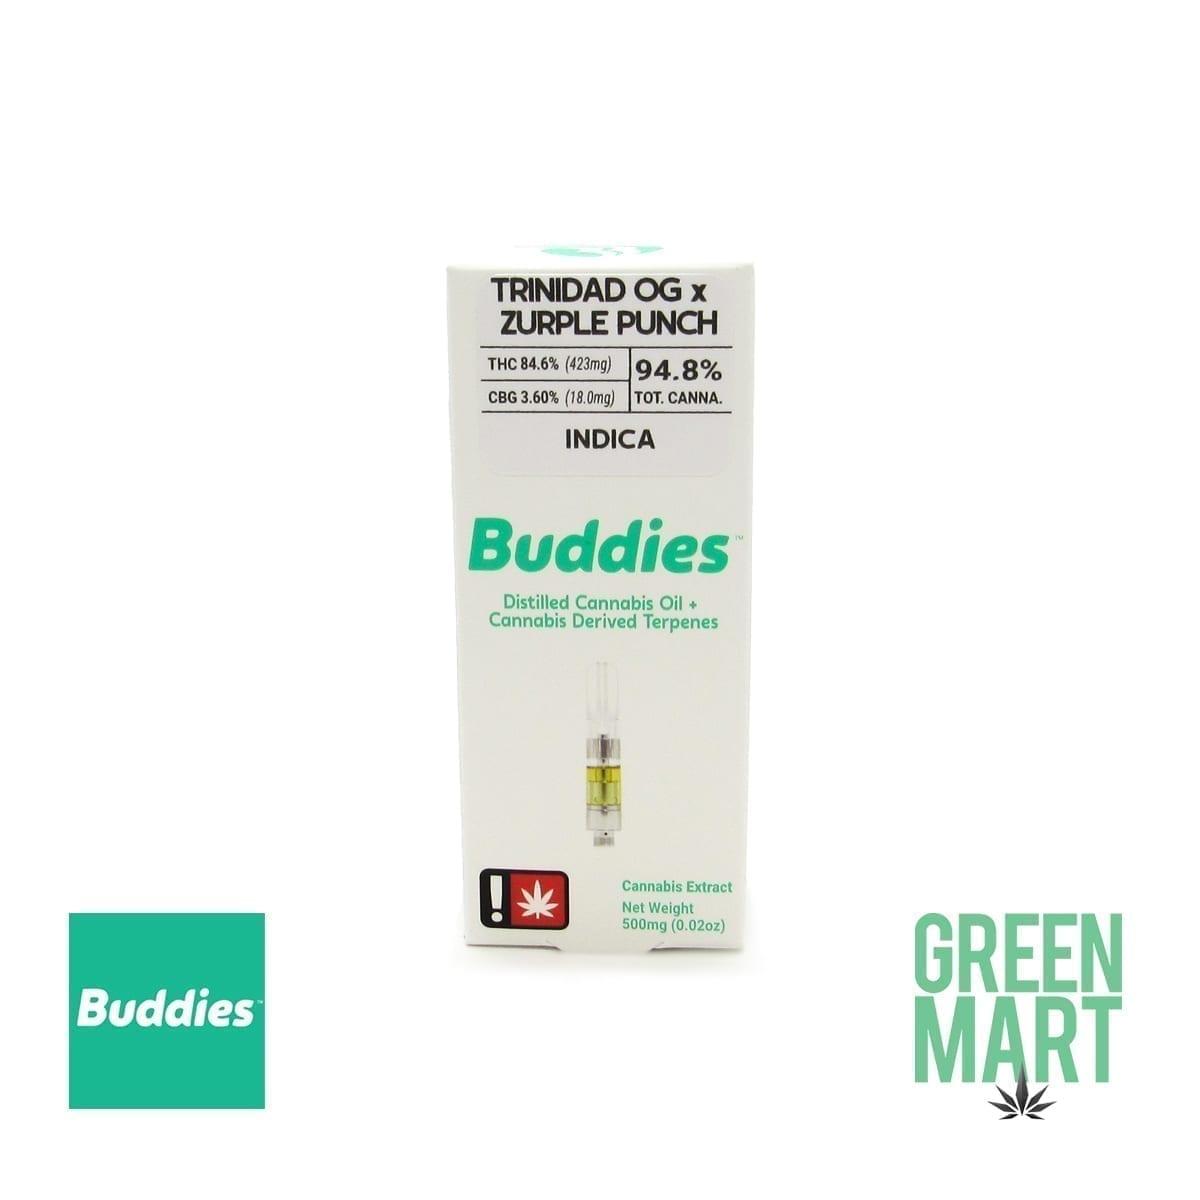 Buddies Brand Distillate Cartridge - Trinidad OG X Zurple Punch